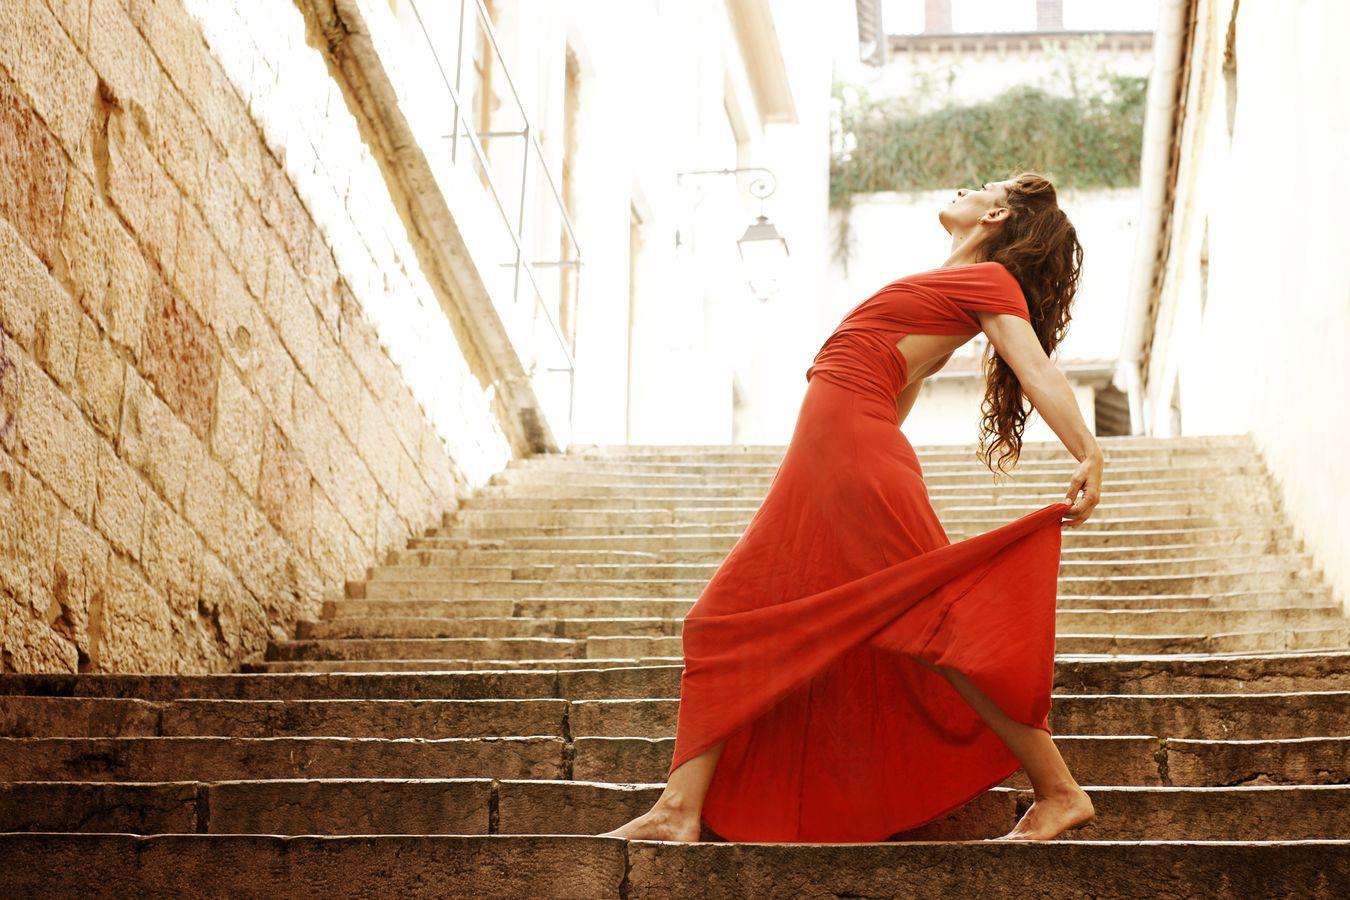 Mathilde fait de la danse contemporaine en robe rouge dans les escaliers du passage Thiaffait dans les pentes de la Croix-Rousse à Lyon.